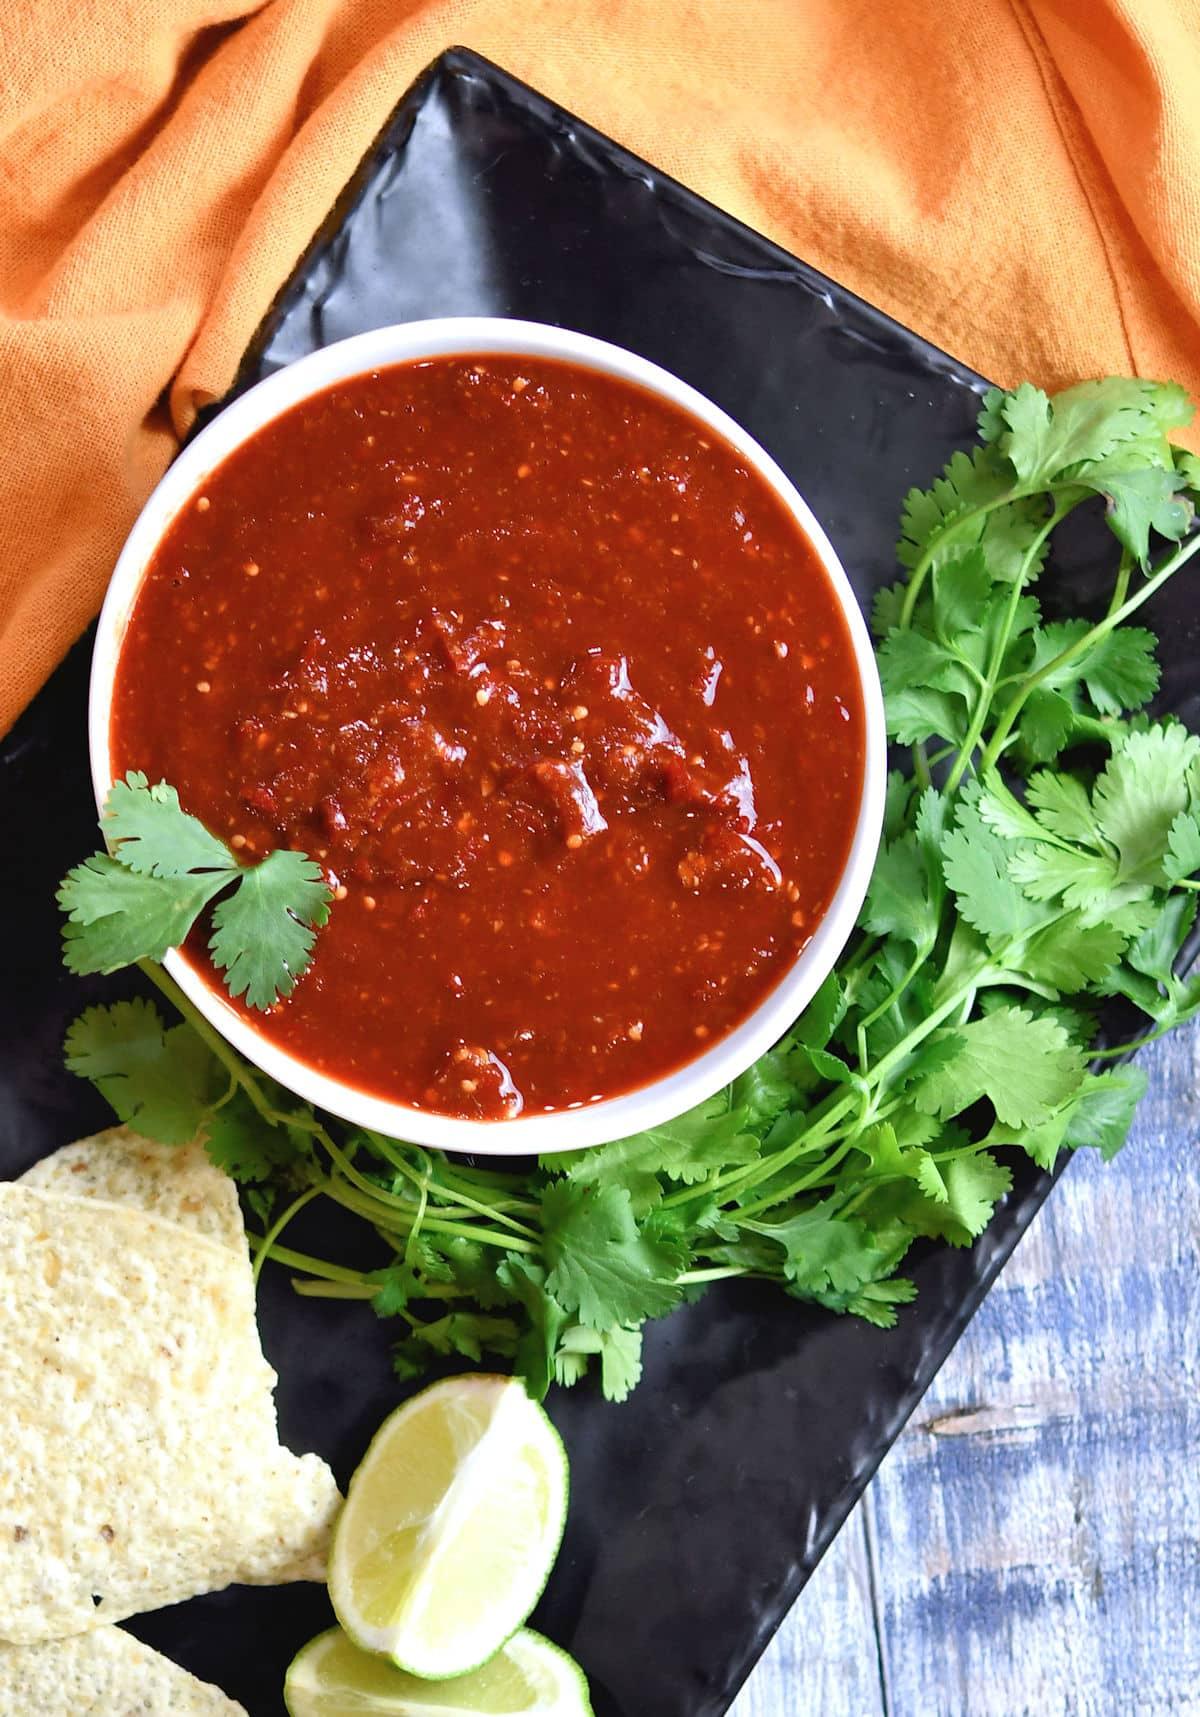 24Bite: Tomatillo Red Chili Sauce Recipe by Christian Guzman